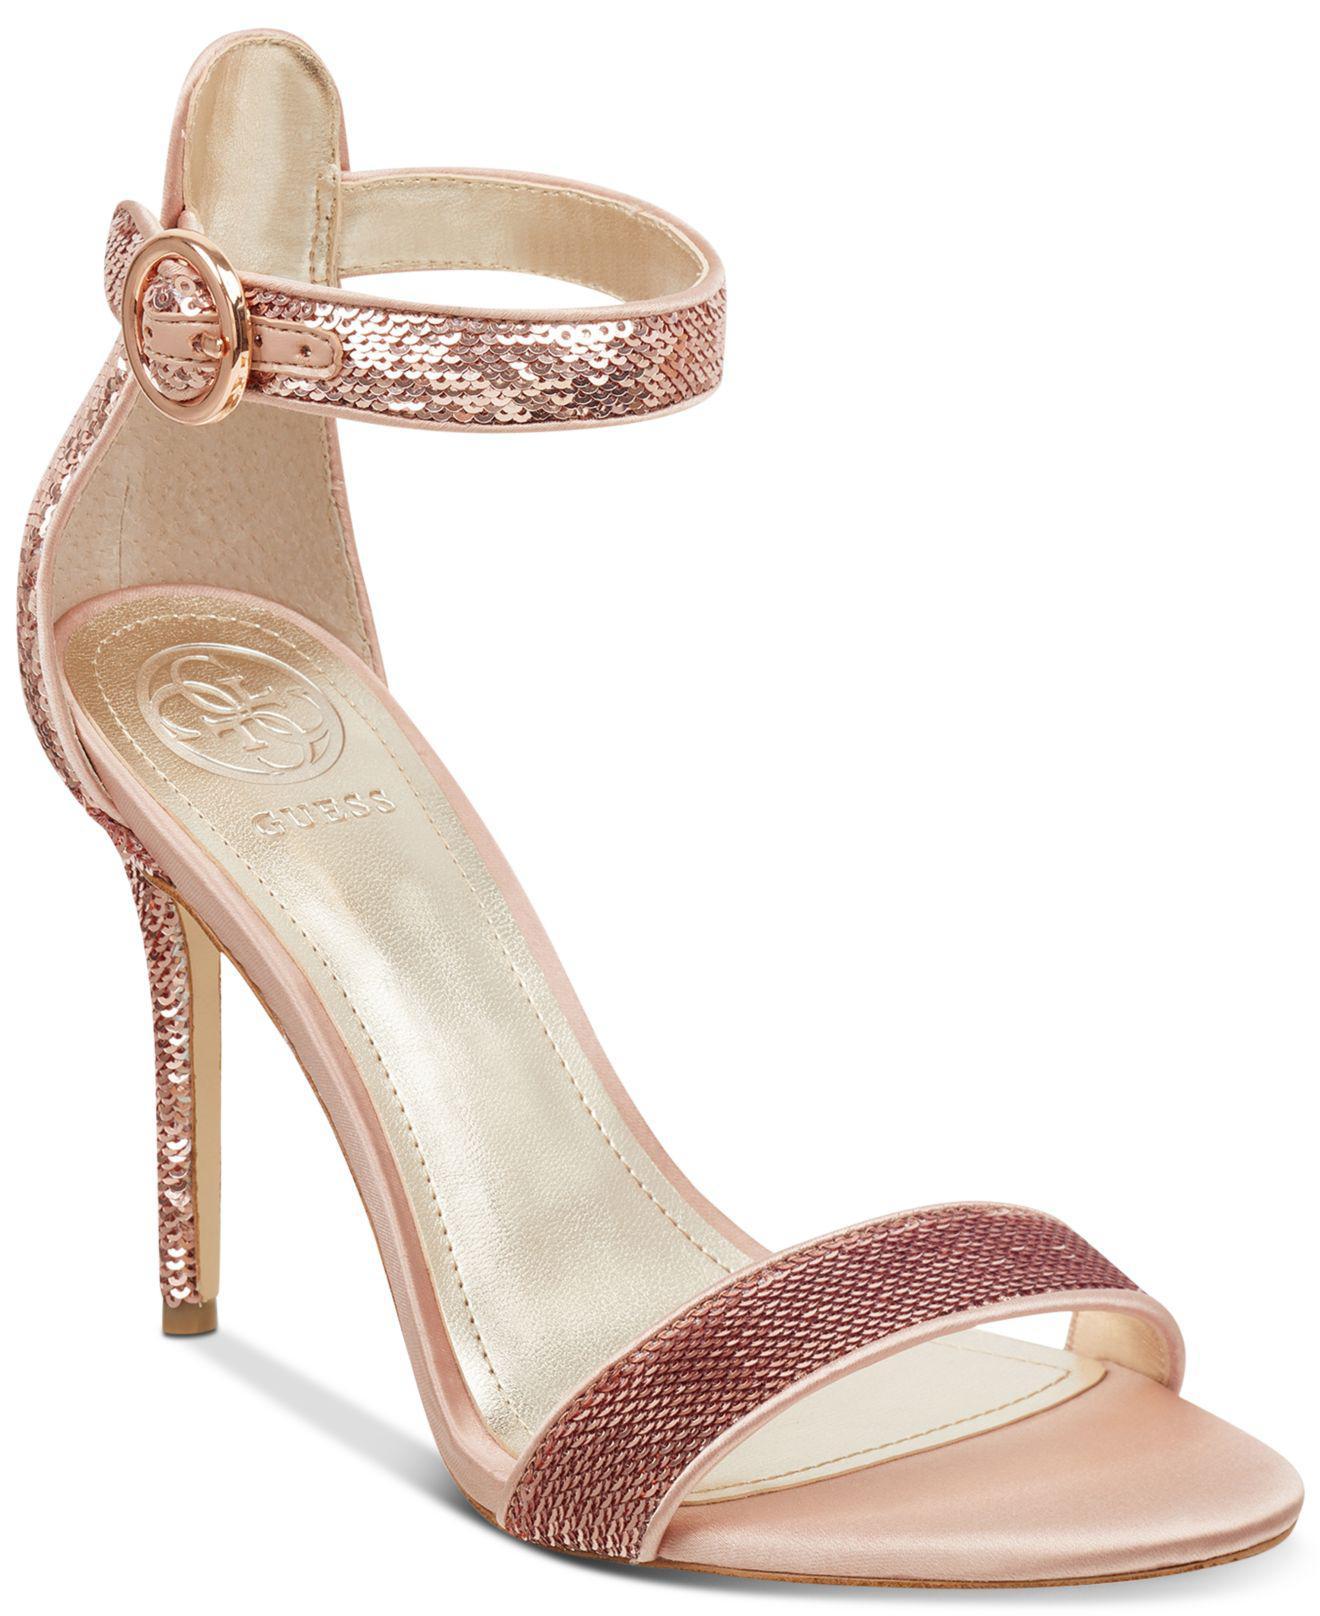 92ca66e30 Guess Kahluan Dress Sandals in Metallic - Lyst